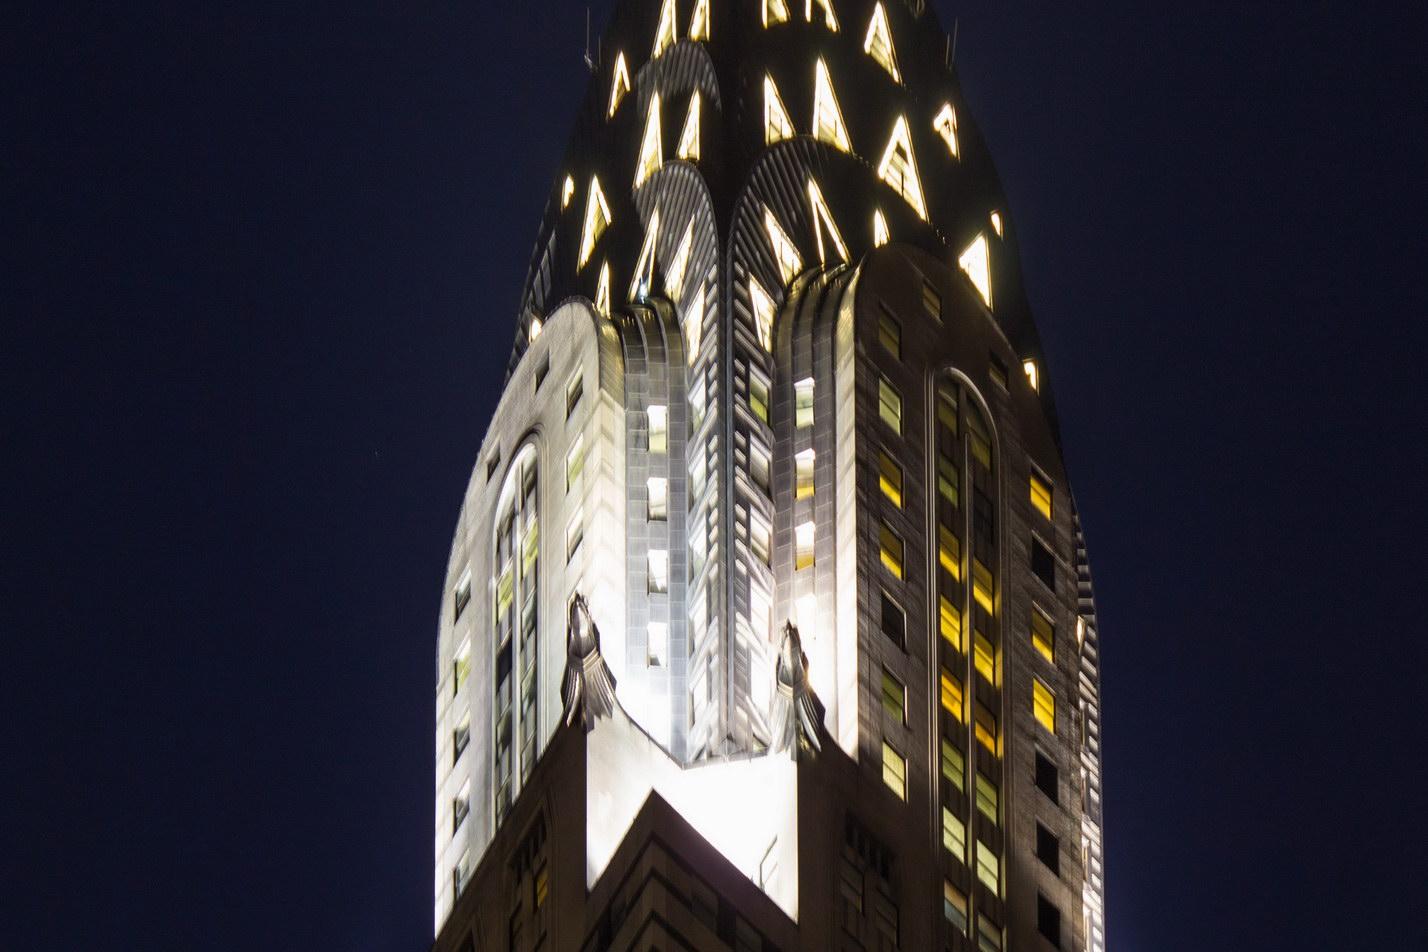 [Chrysler Building] J_IMG_9858 [8/24/2012 8:20:51 PM]